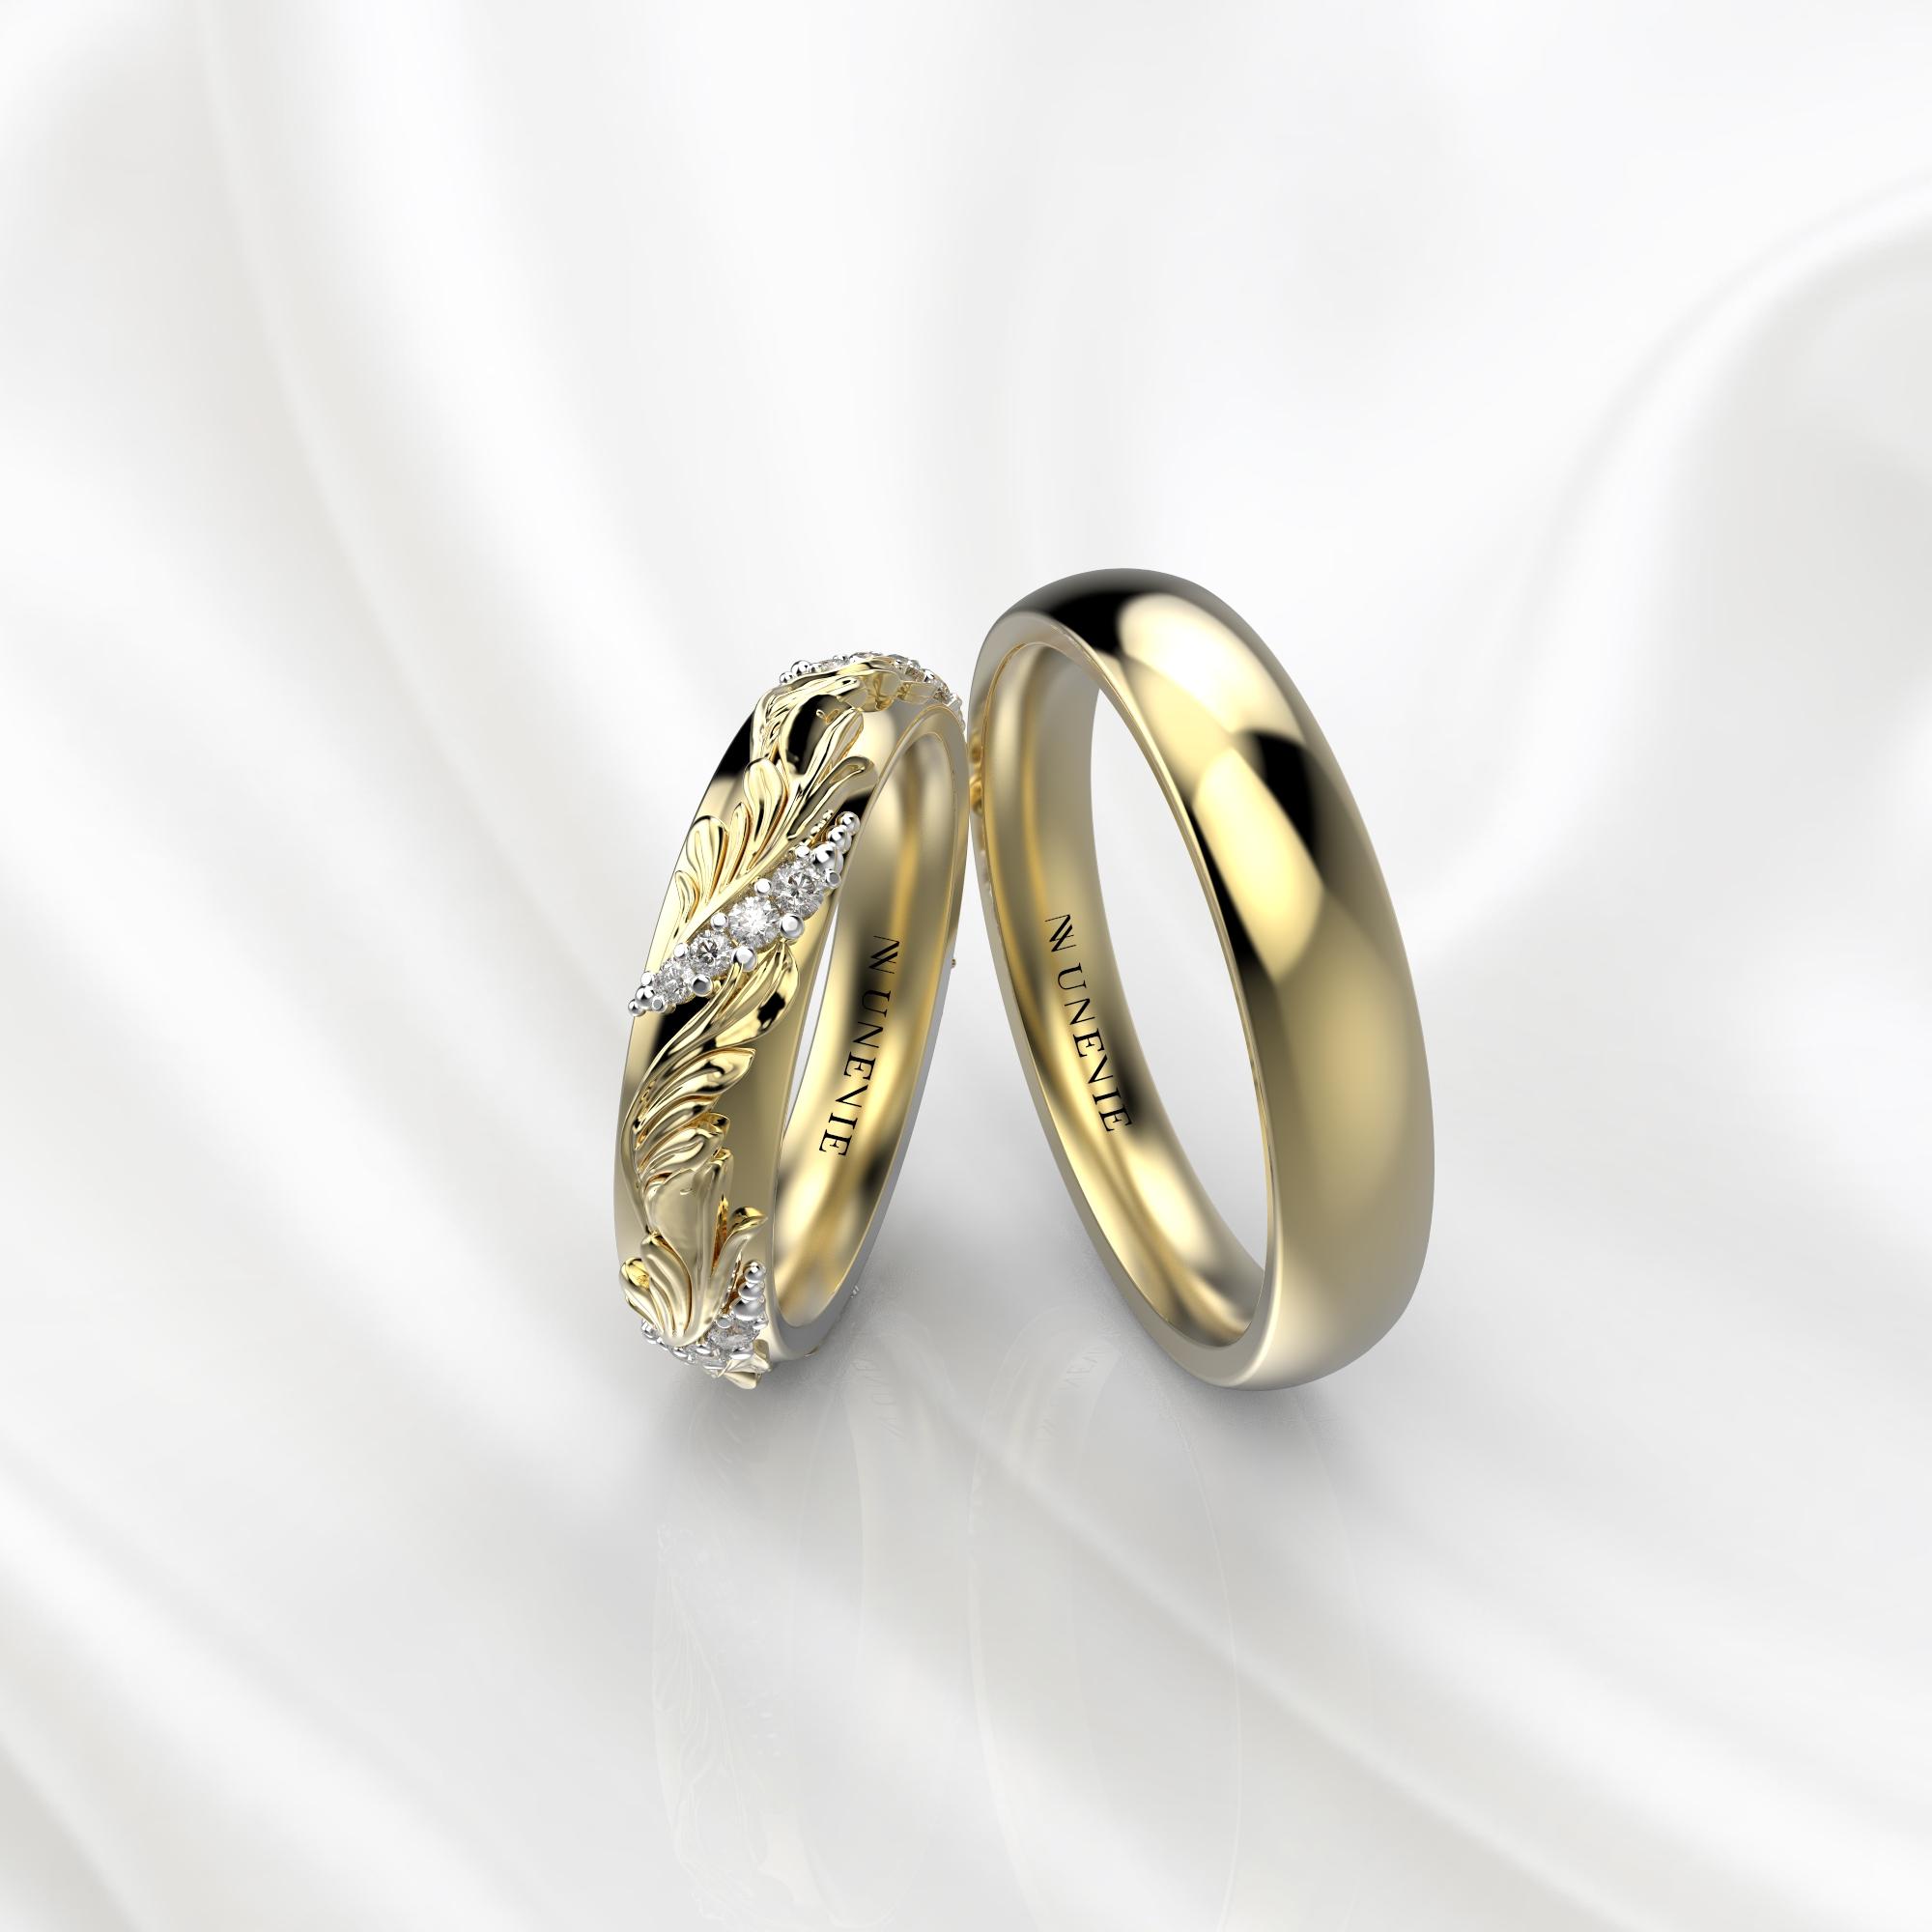 Ажурные обручальные кольца из желтого золота с бриллиантами